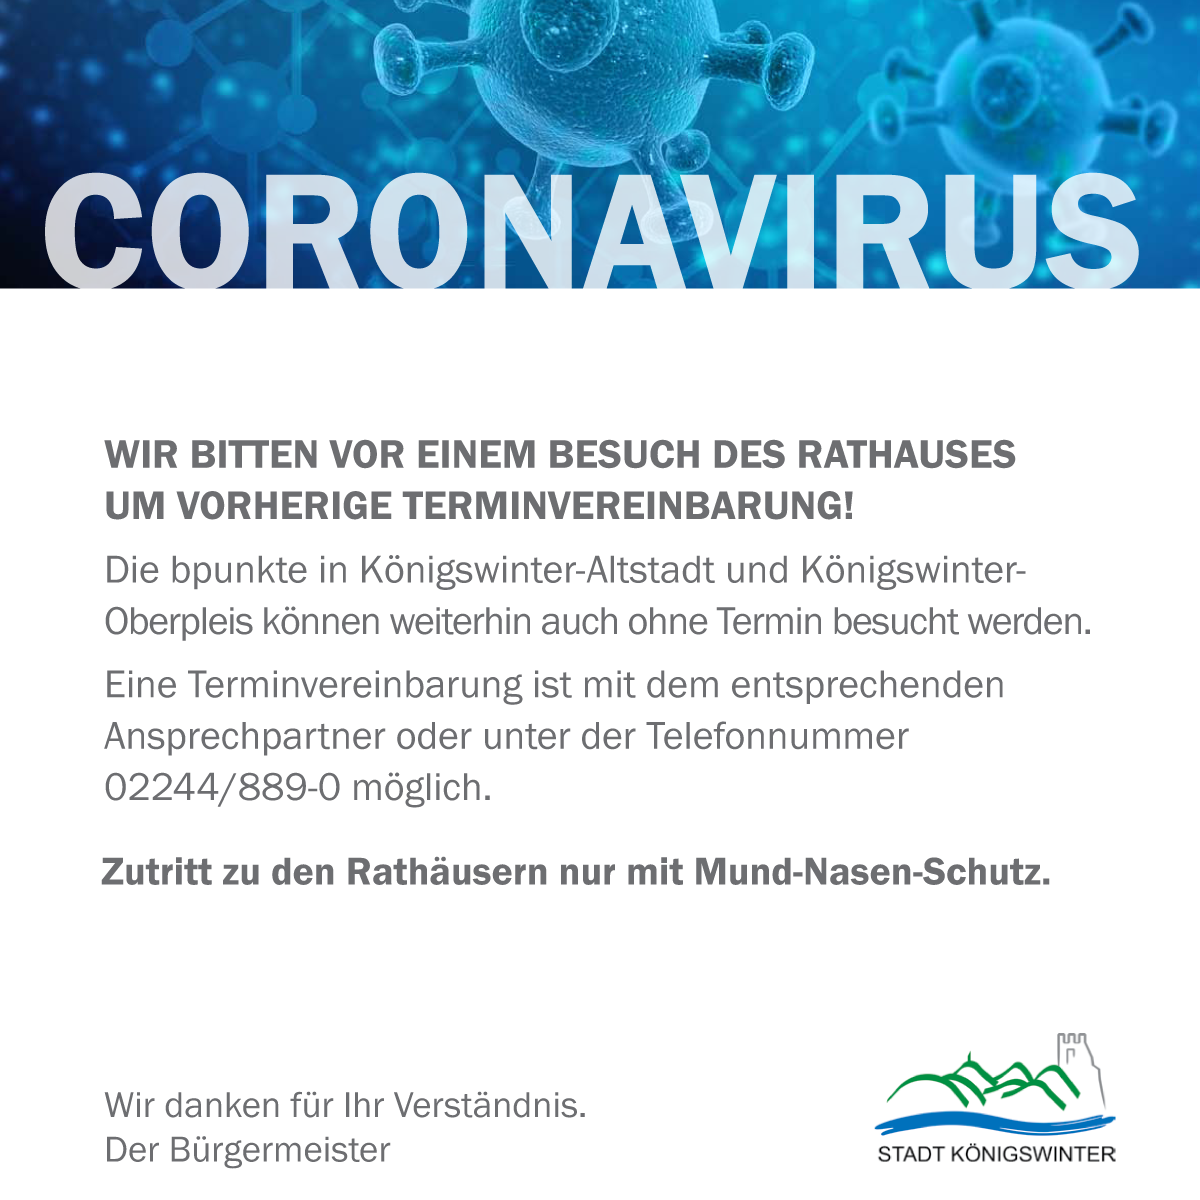 Besuch der Rathäuser in Königswinter: Terminvereinbarung erwünscht